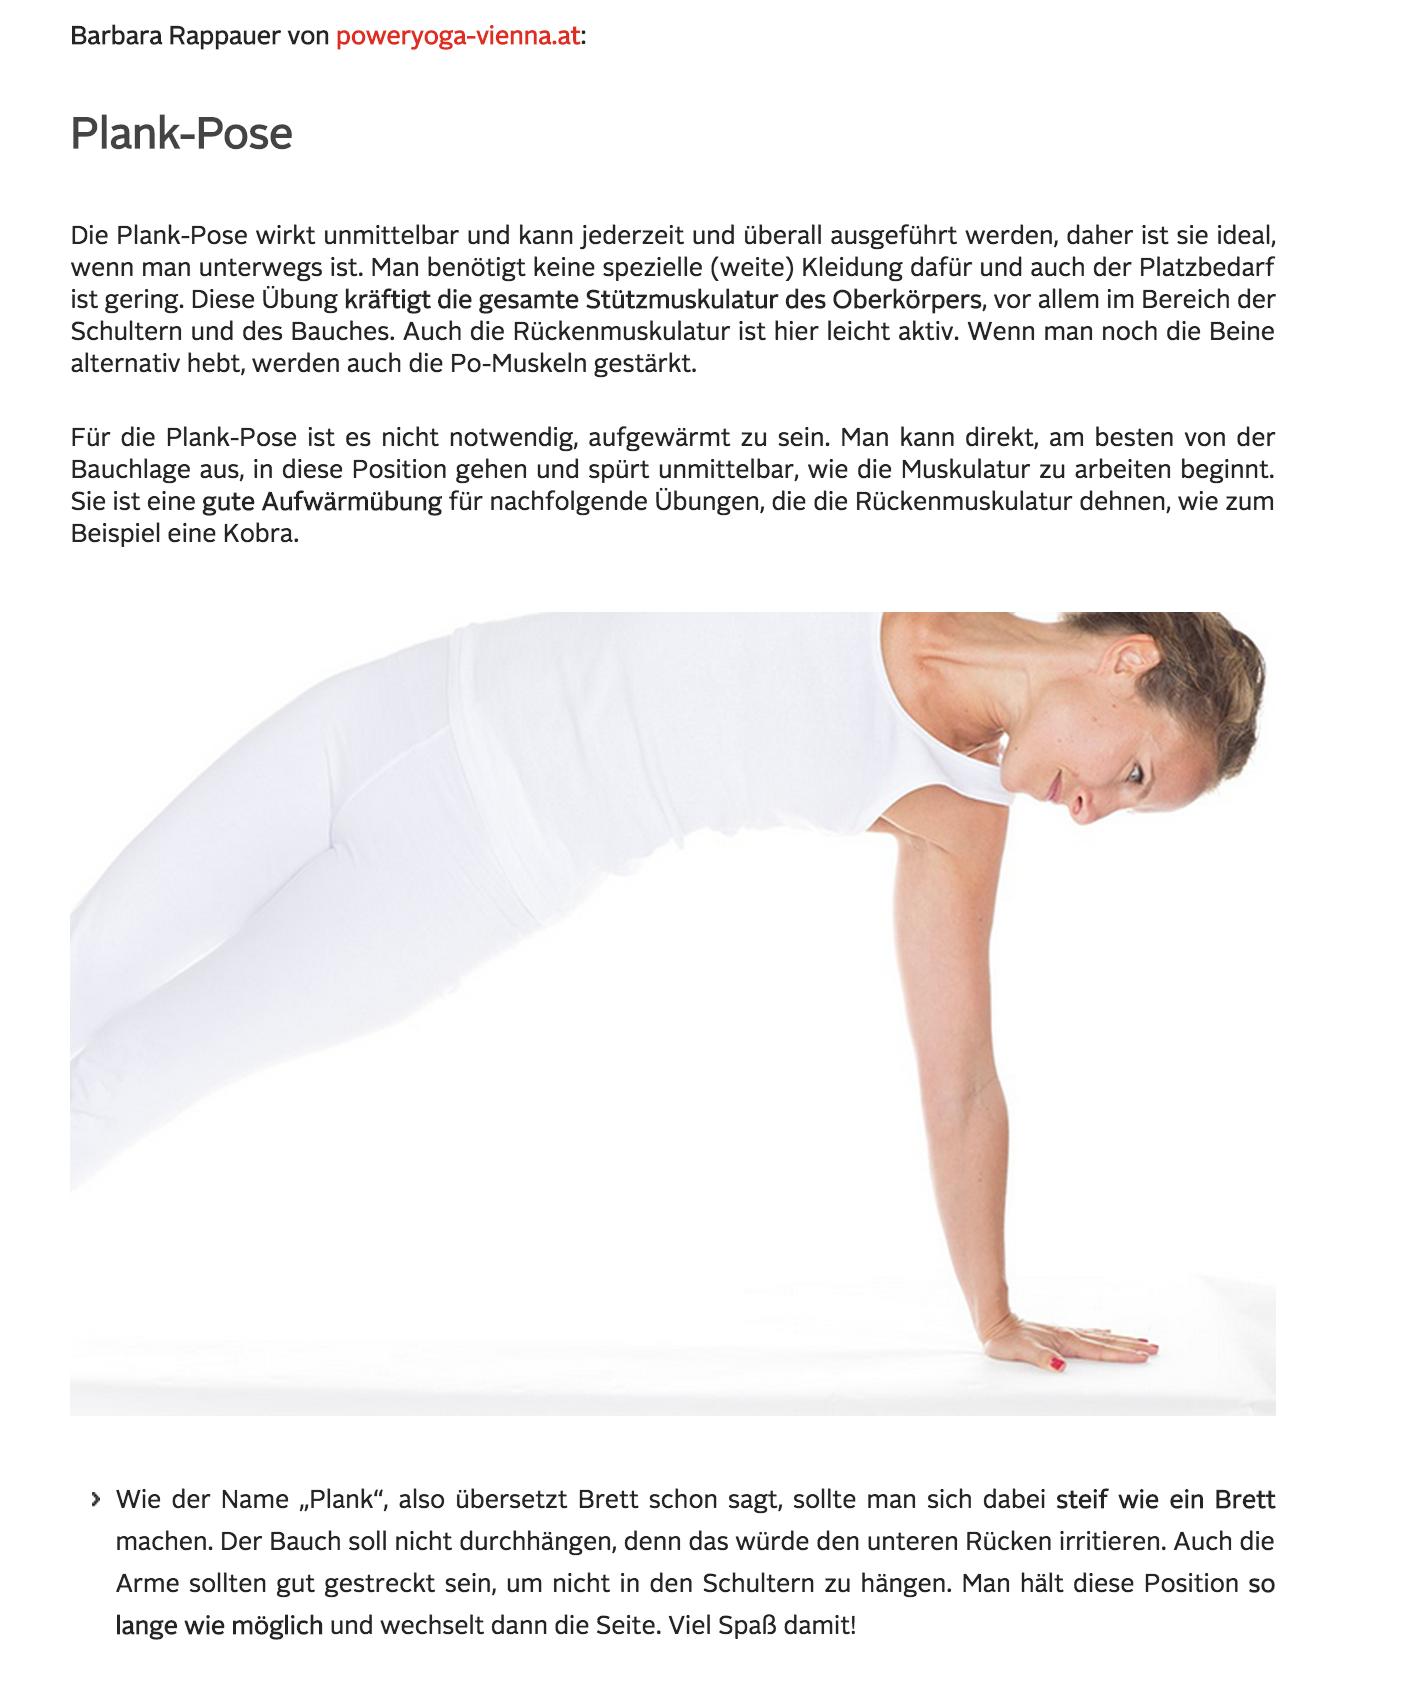 Charmant Rückenmuskel Namen Ideen - Menschliche Anatomie Bilder ...